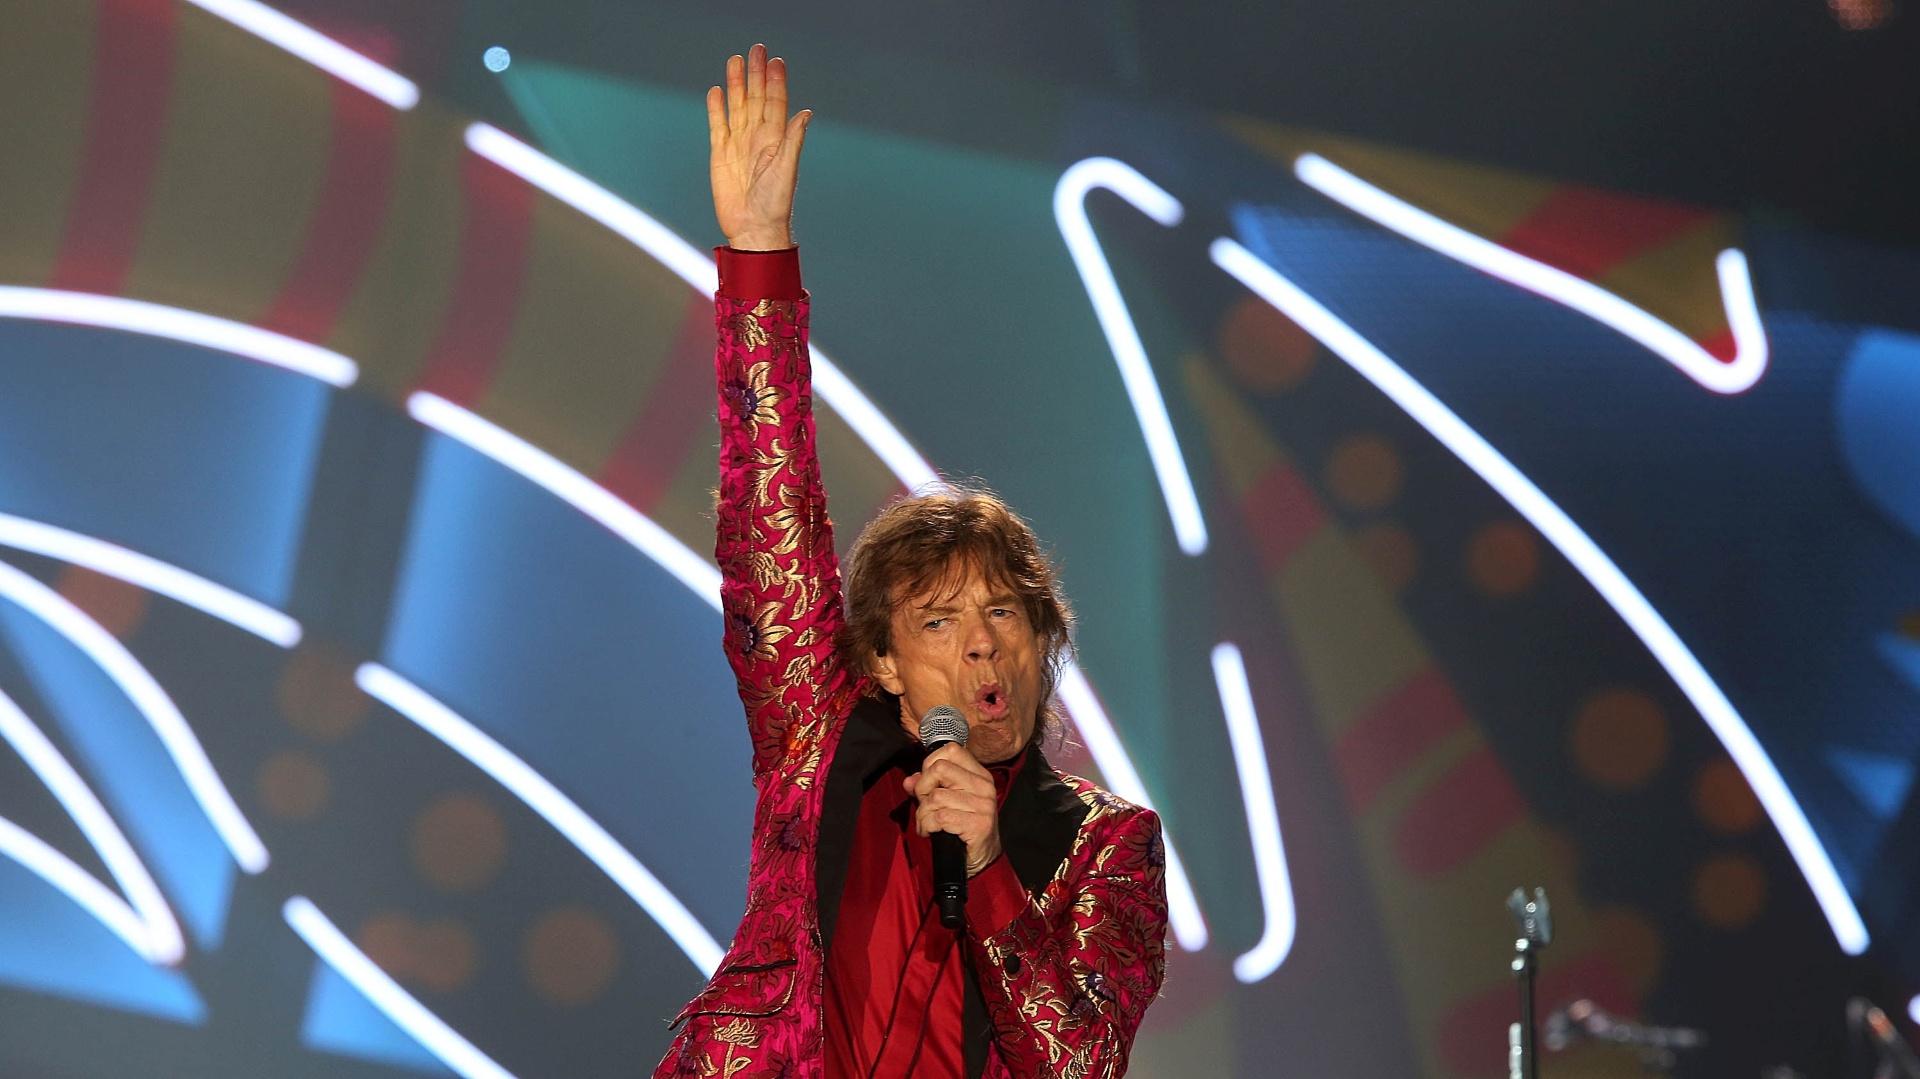 20.fev.2016 - Rolling Stones se apresenta no Rio de Janeiro na noite deste sábado